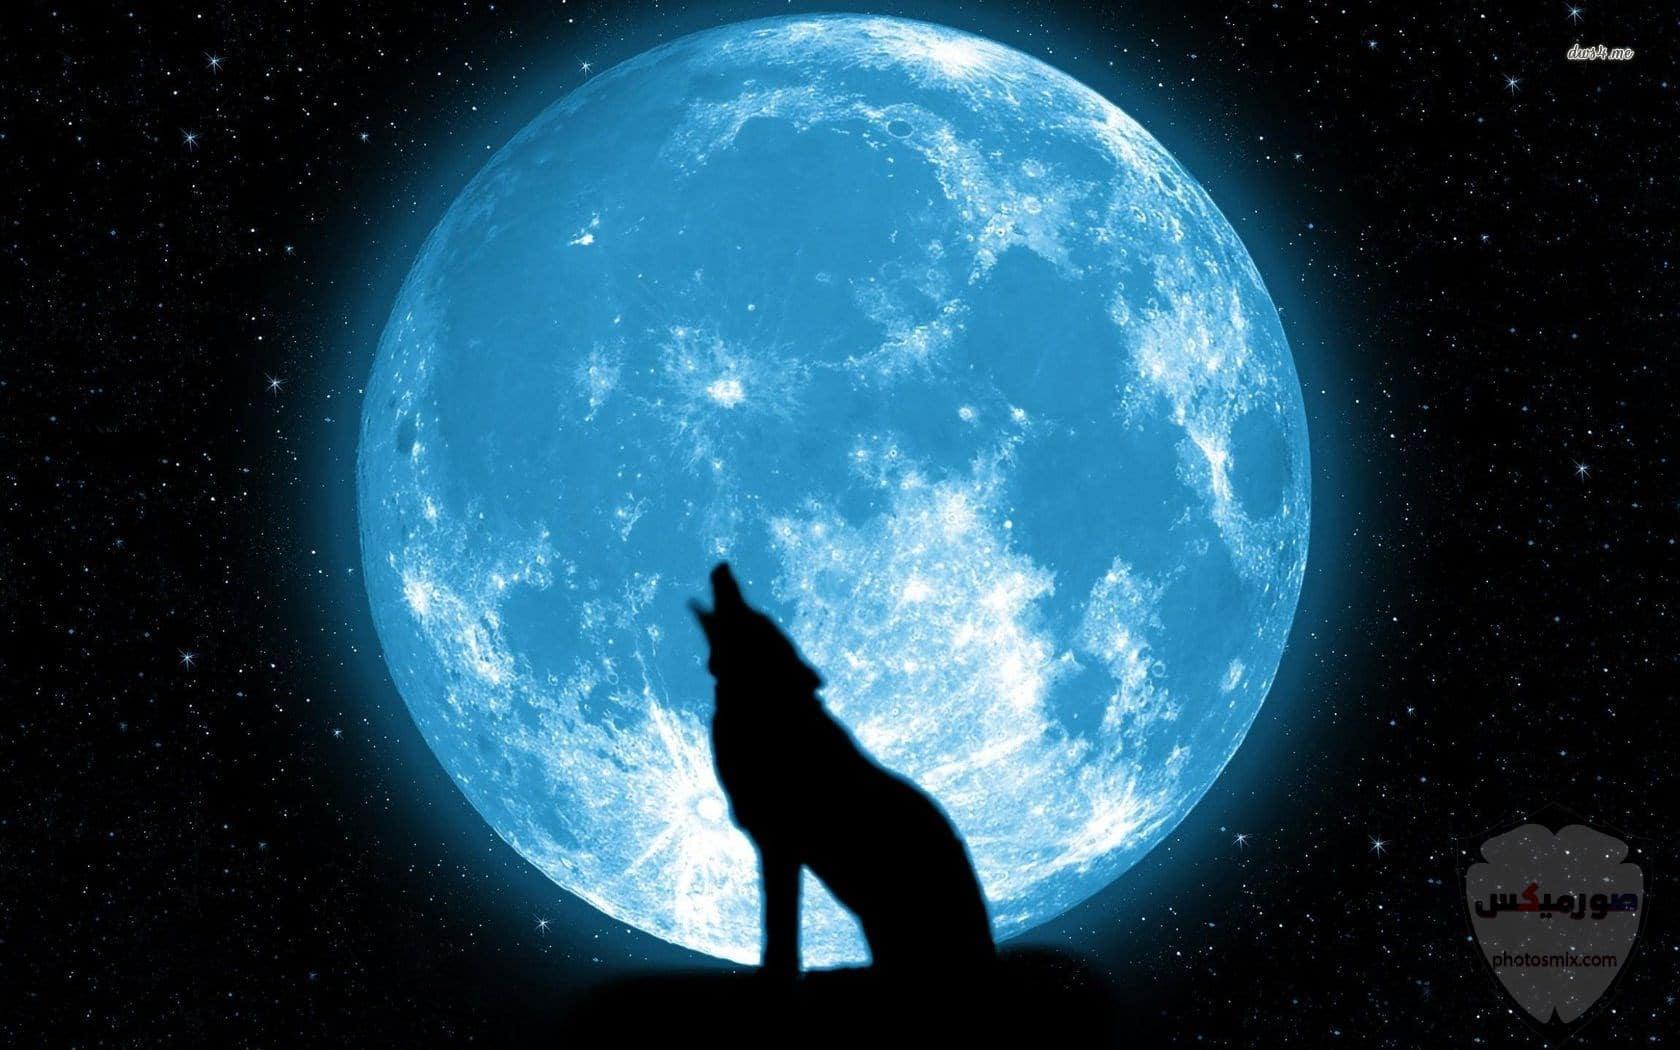 خلفيات قمر وبحر خلفيات القمر والنجوم خلفيات قمر للايفون 4